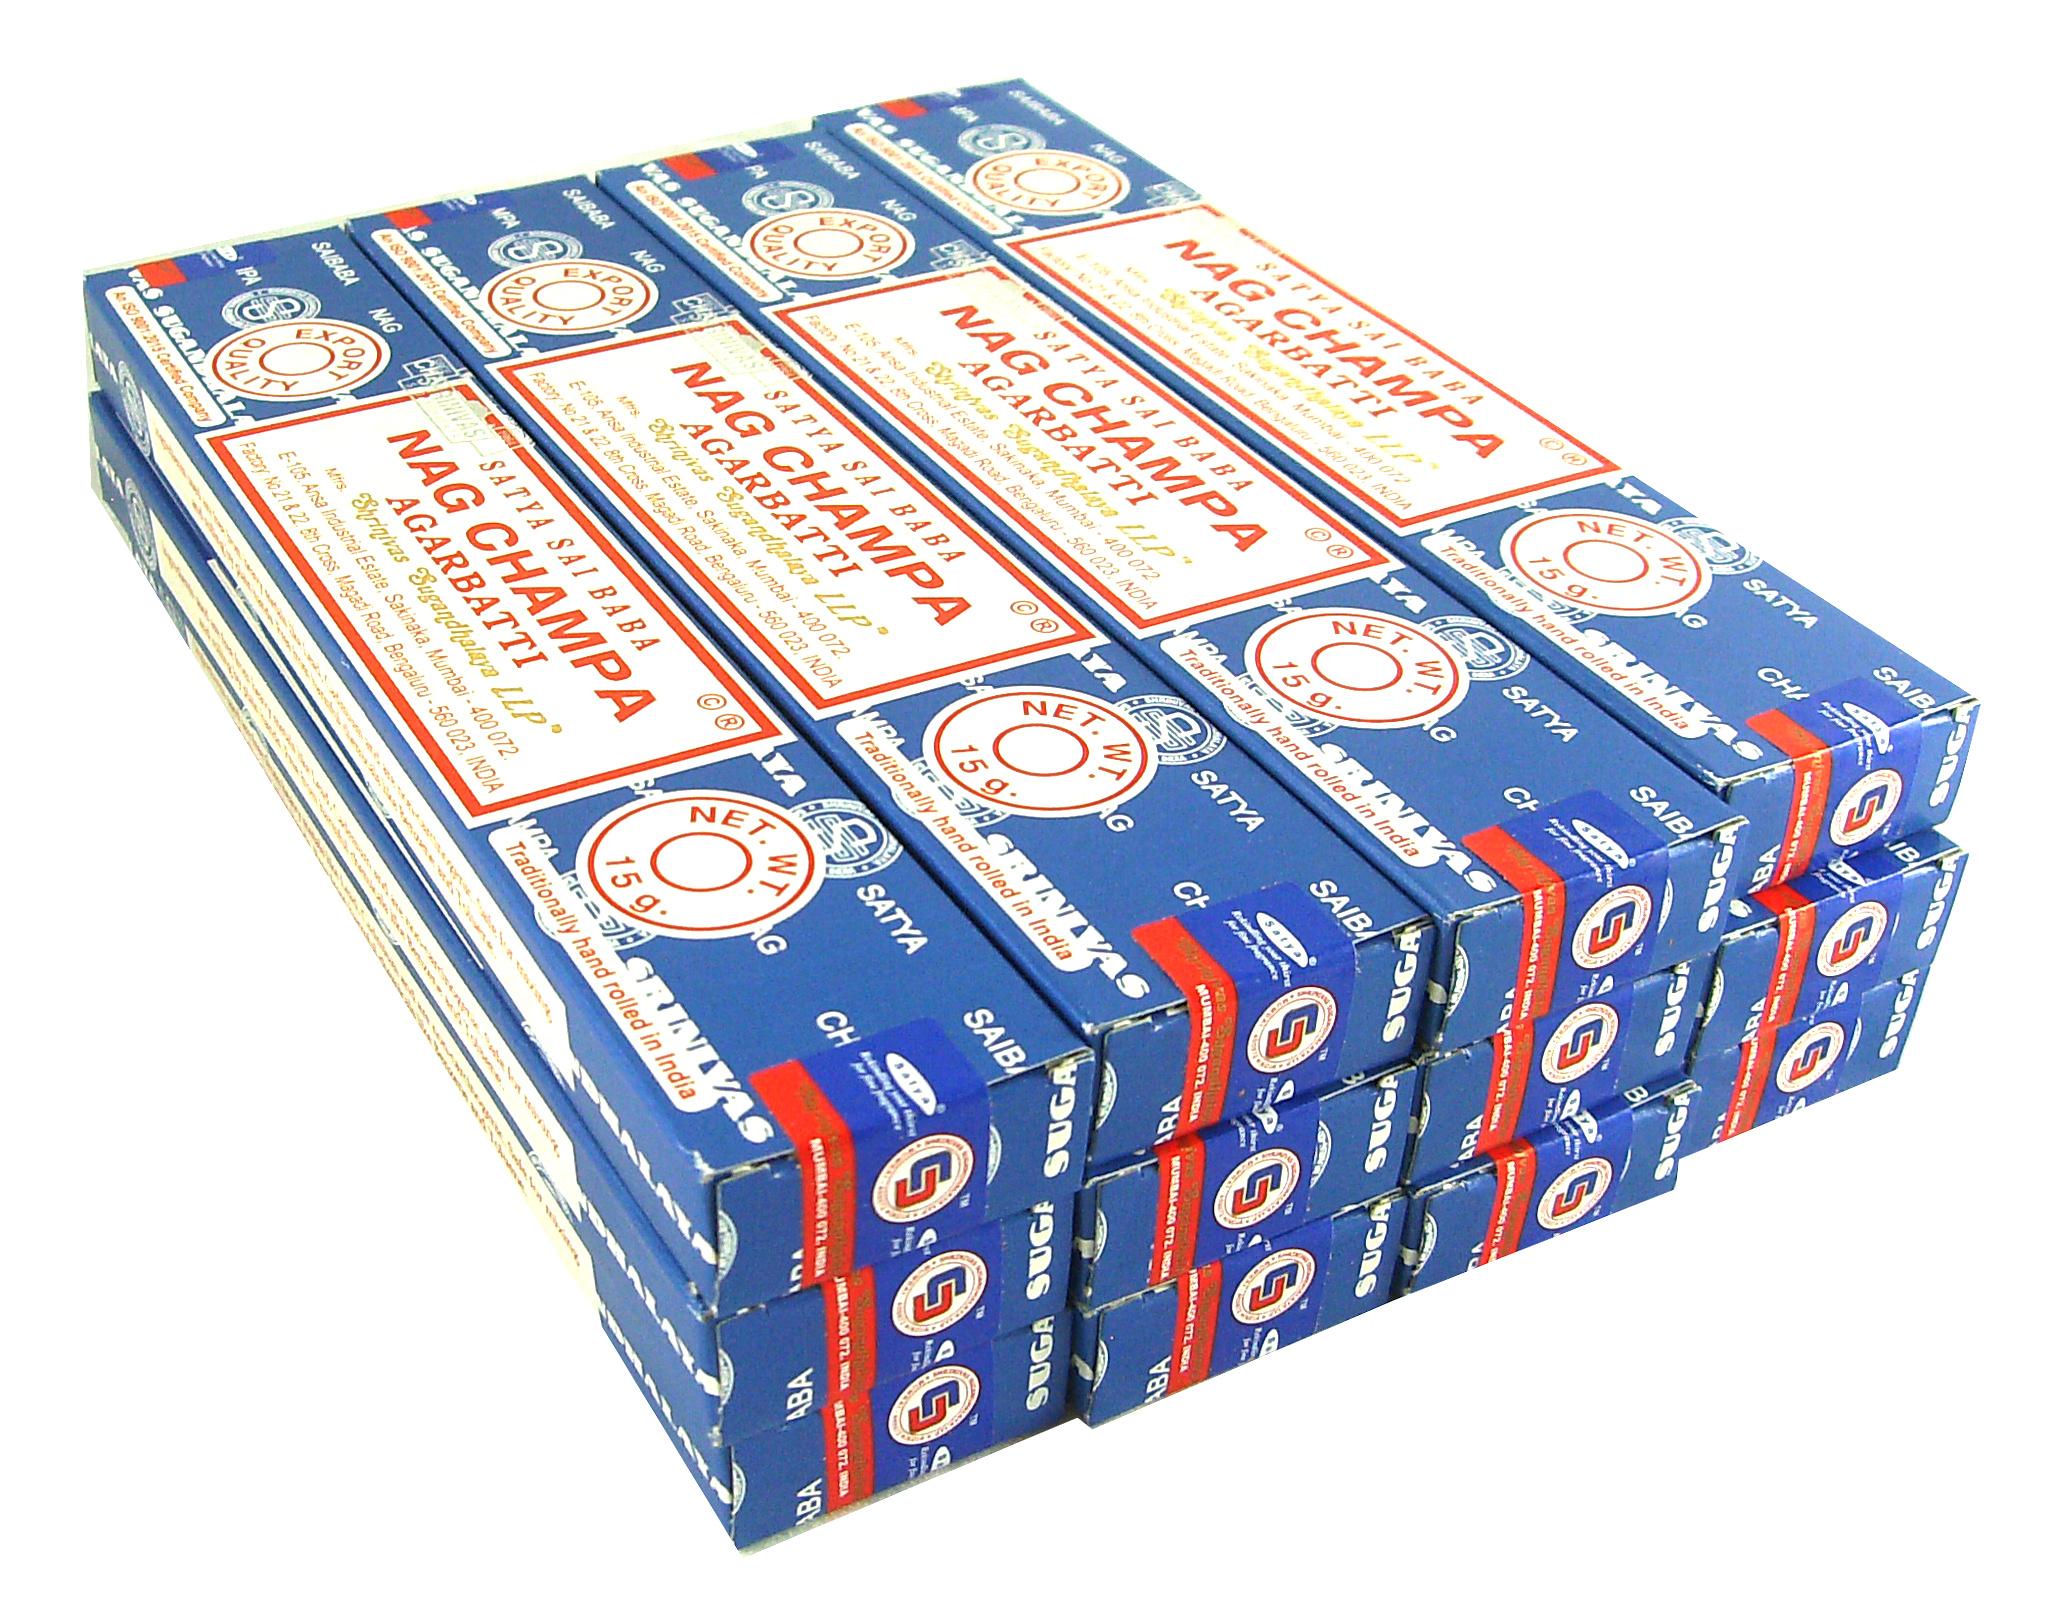 Nag Champa Sai Baba Agarbatti Räucherstäbchen blau Räucherwerk 12 Packs a 15g